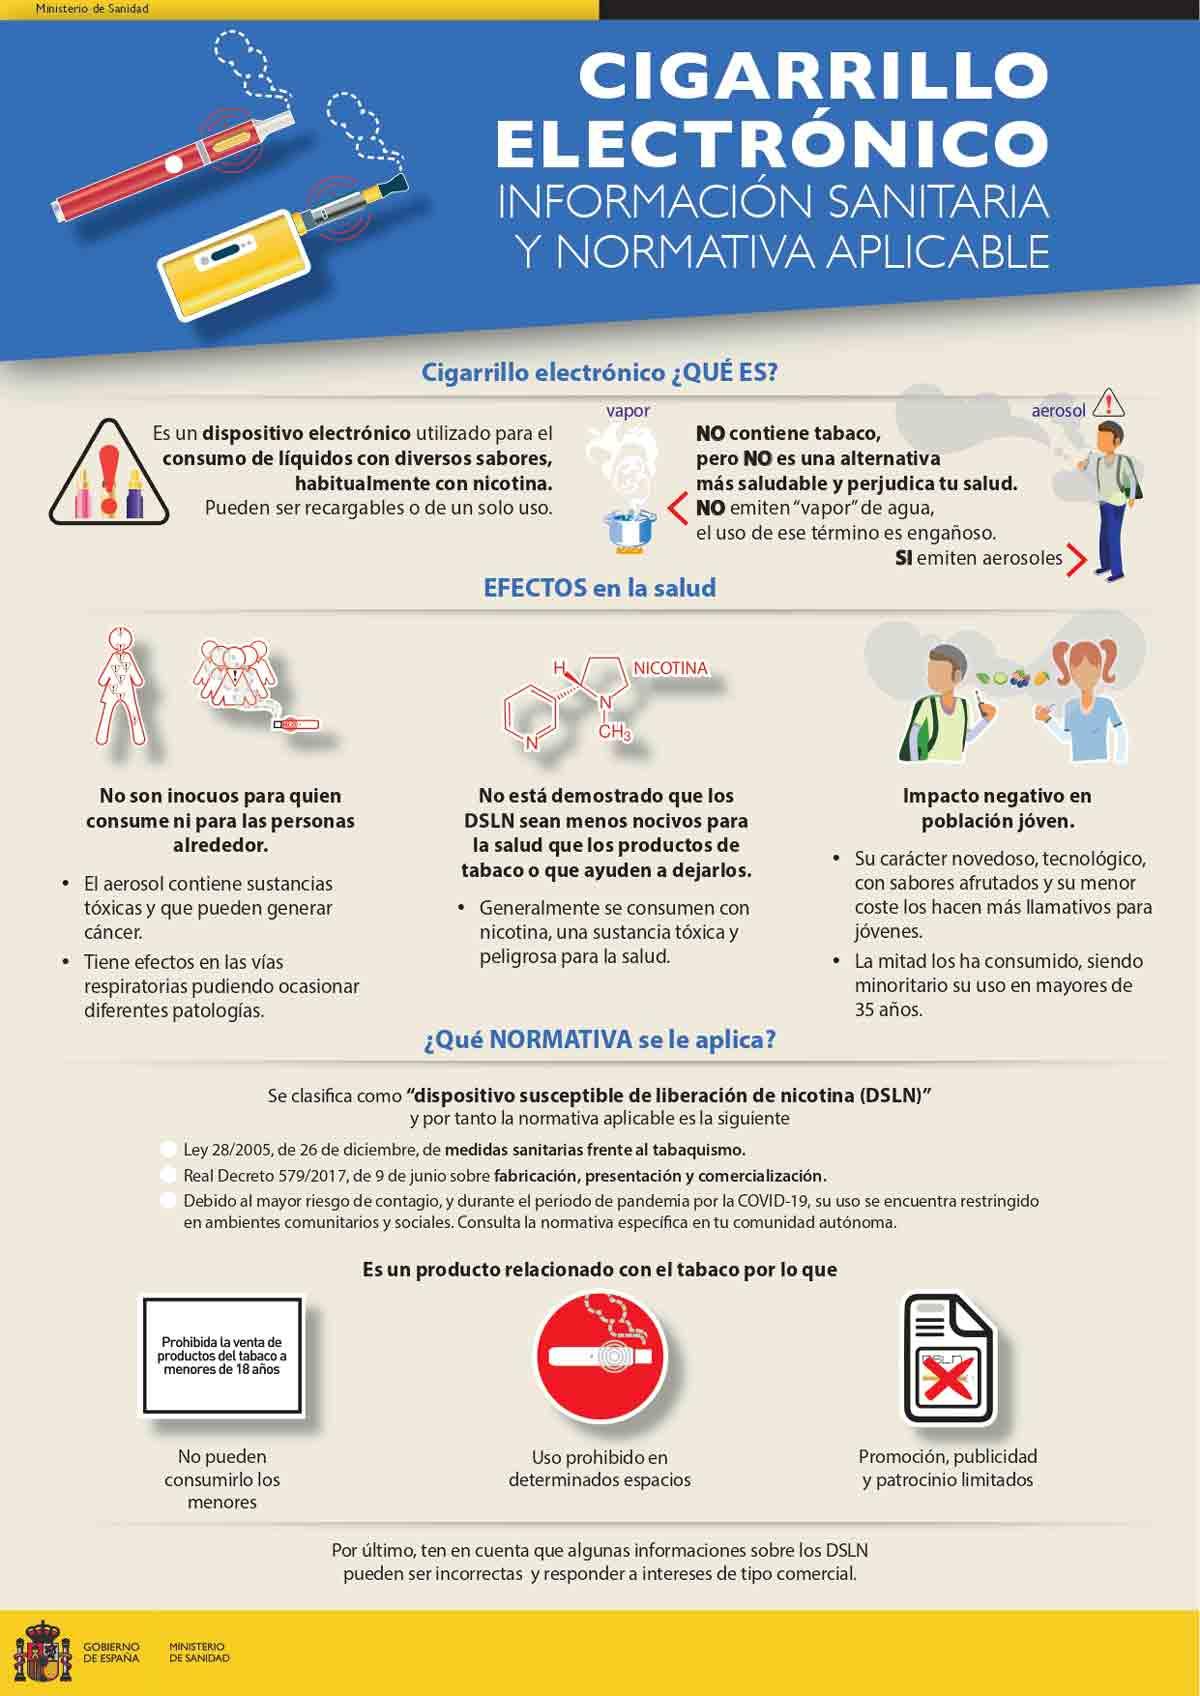 Infografía sobre los cigarrillos electrónicos